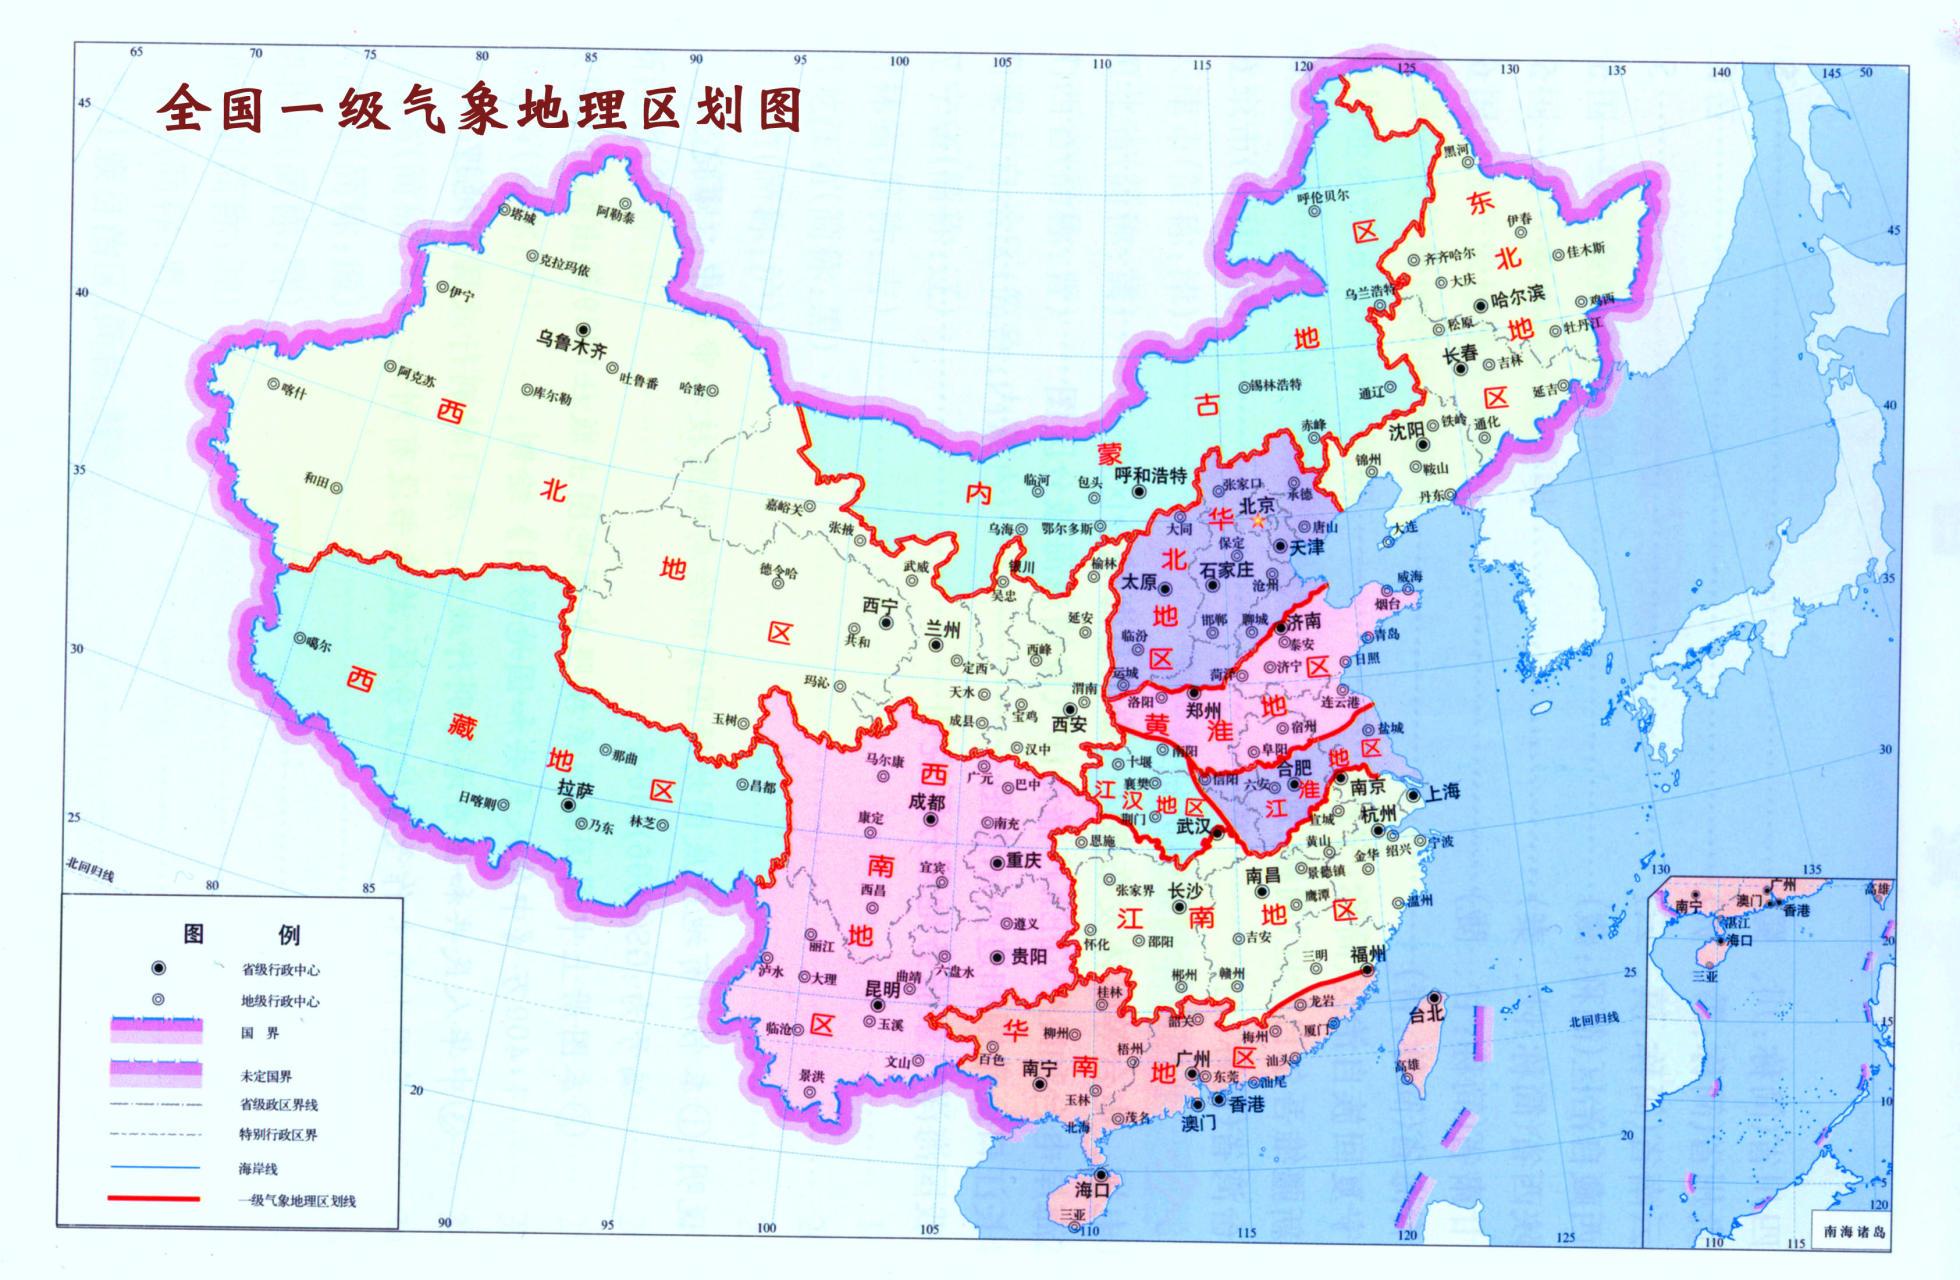 中国地图和天气